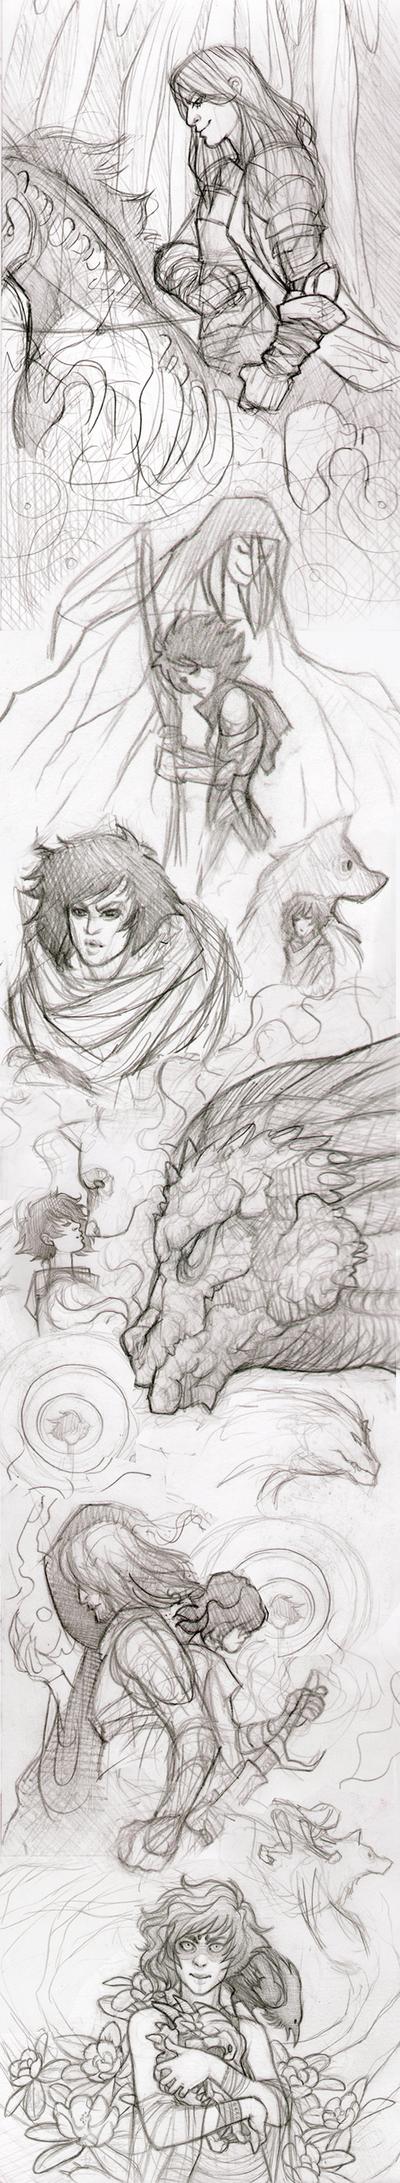 Sketch Dump 2 by GoddessVirage